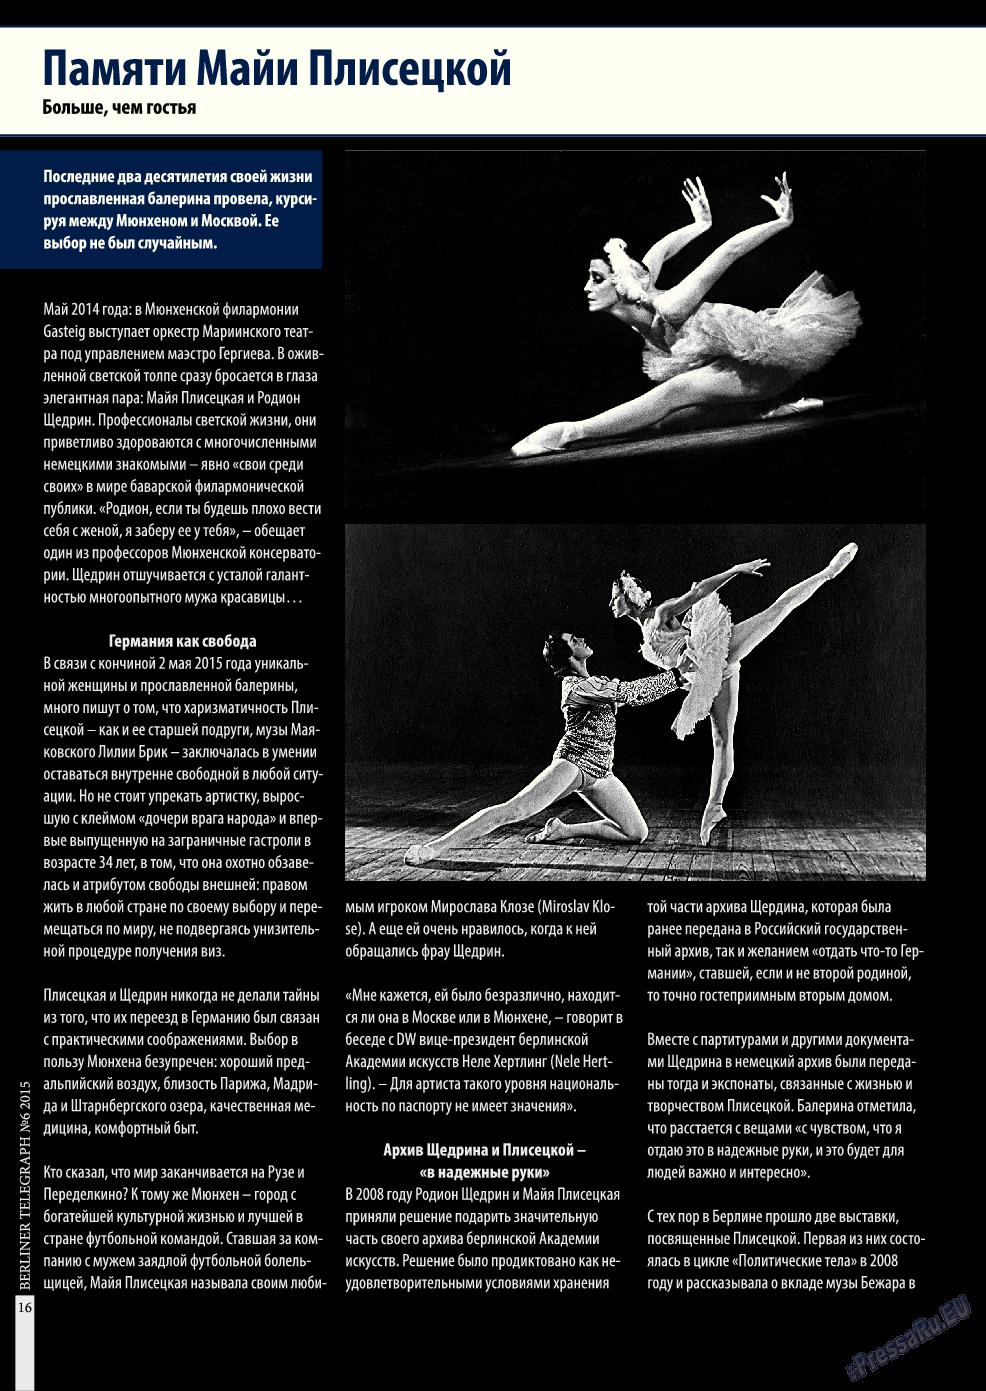 Берлинский телеграф (журнал). 2015 год, номер 6, стр. 16